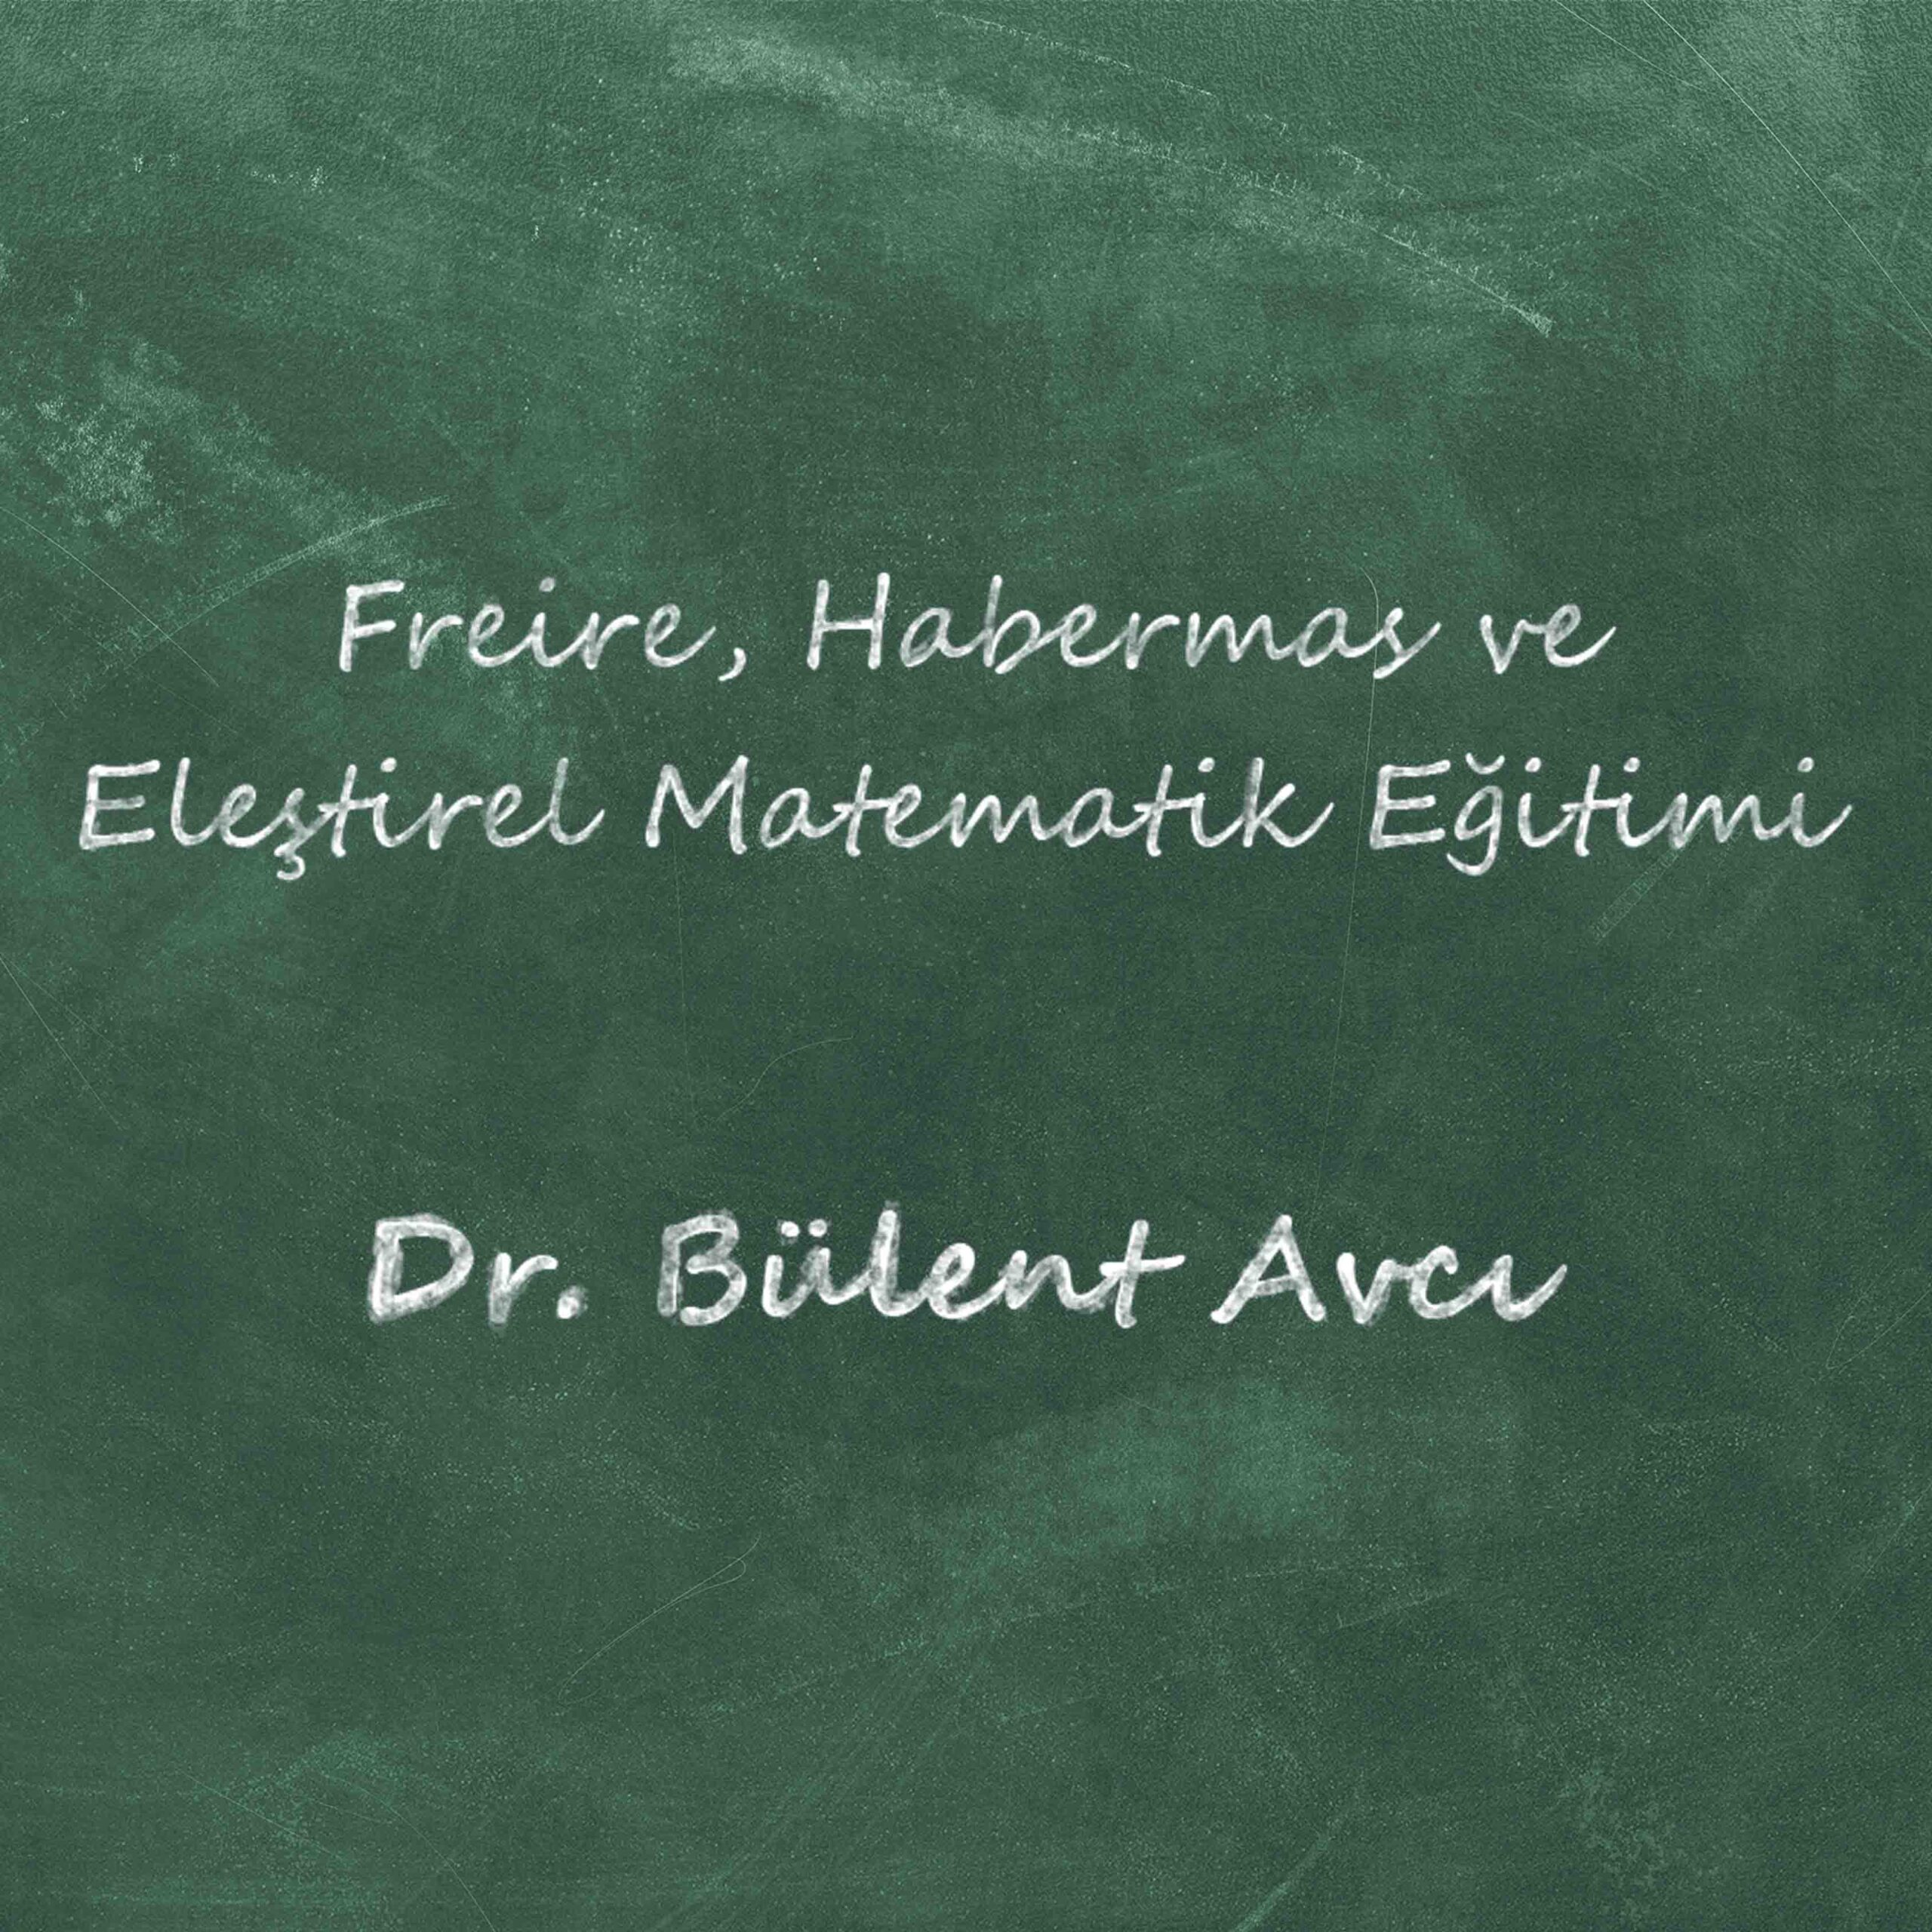 Freire, Habermas ve Eleştirel Matematik Eğitimi